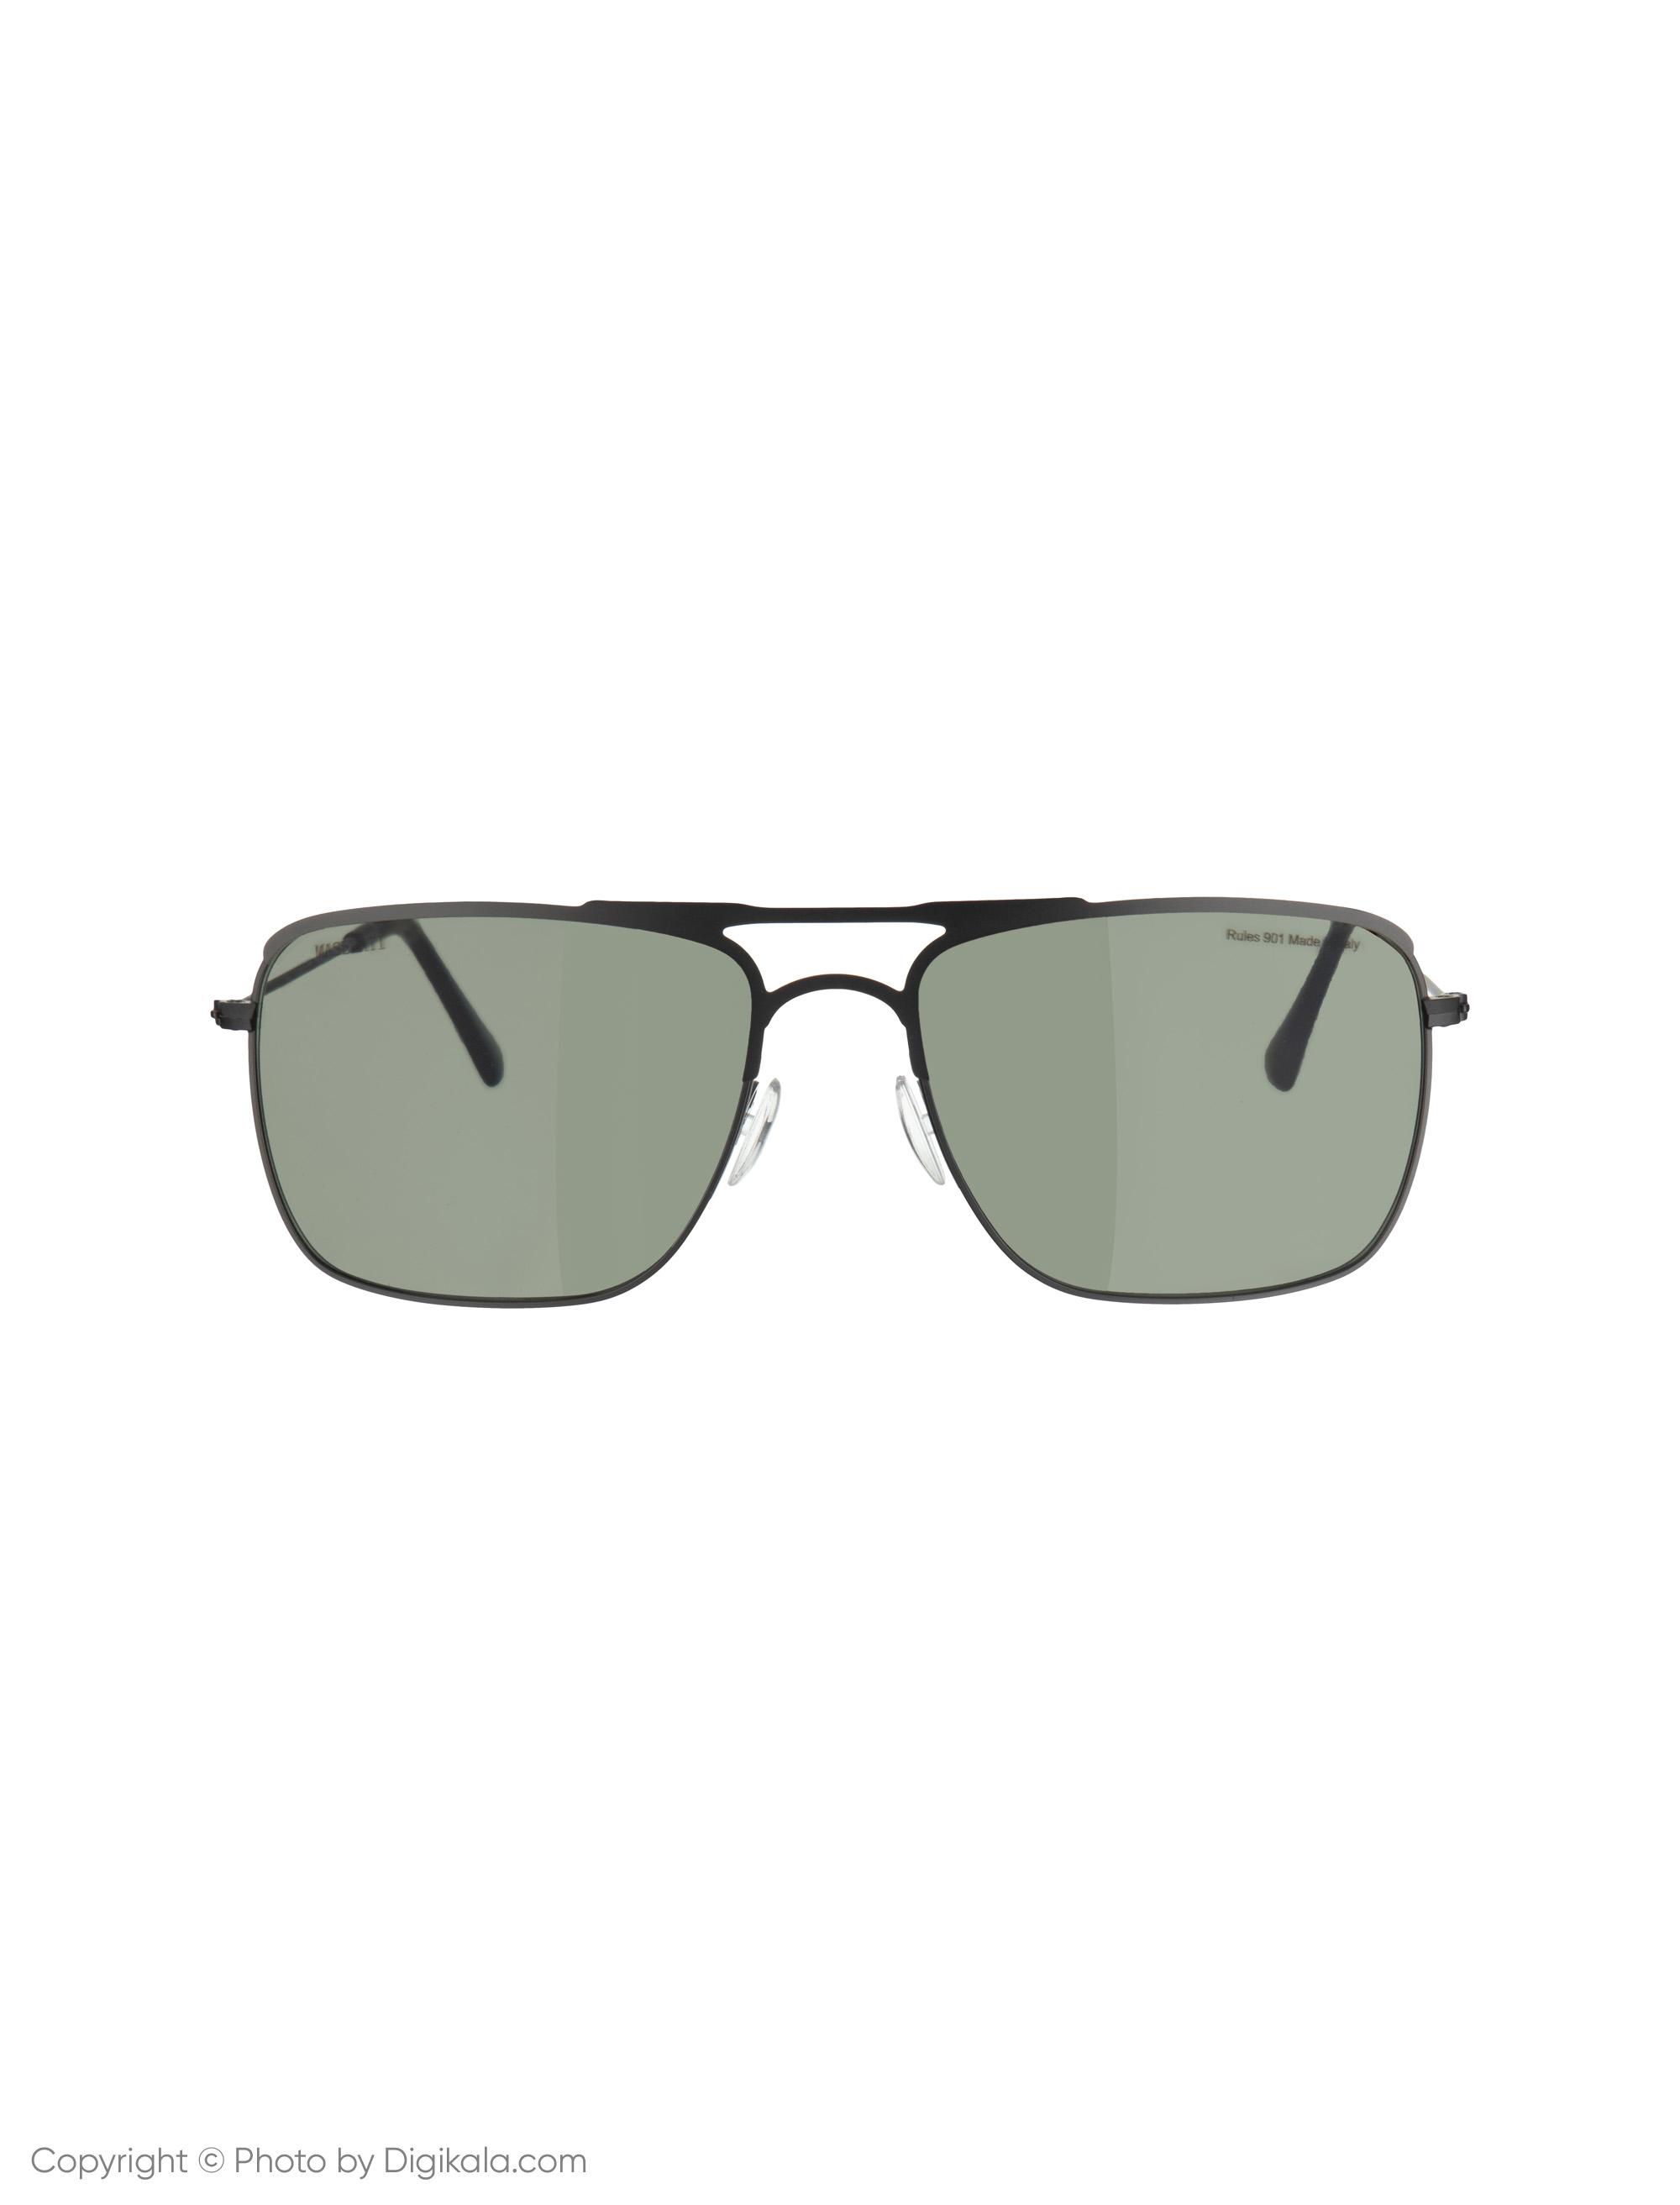 عینک آفتابی مردانه مدل Rules-901-DG main 1 1